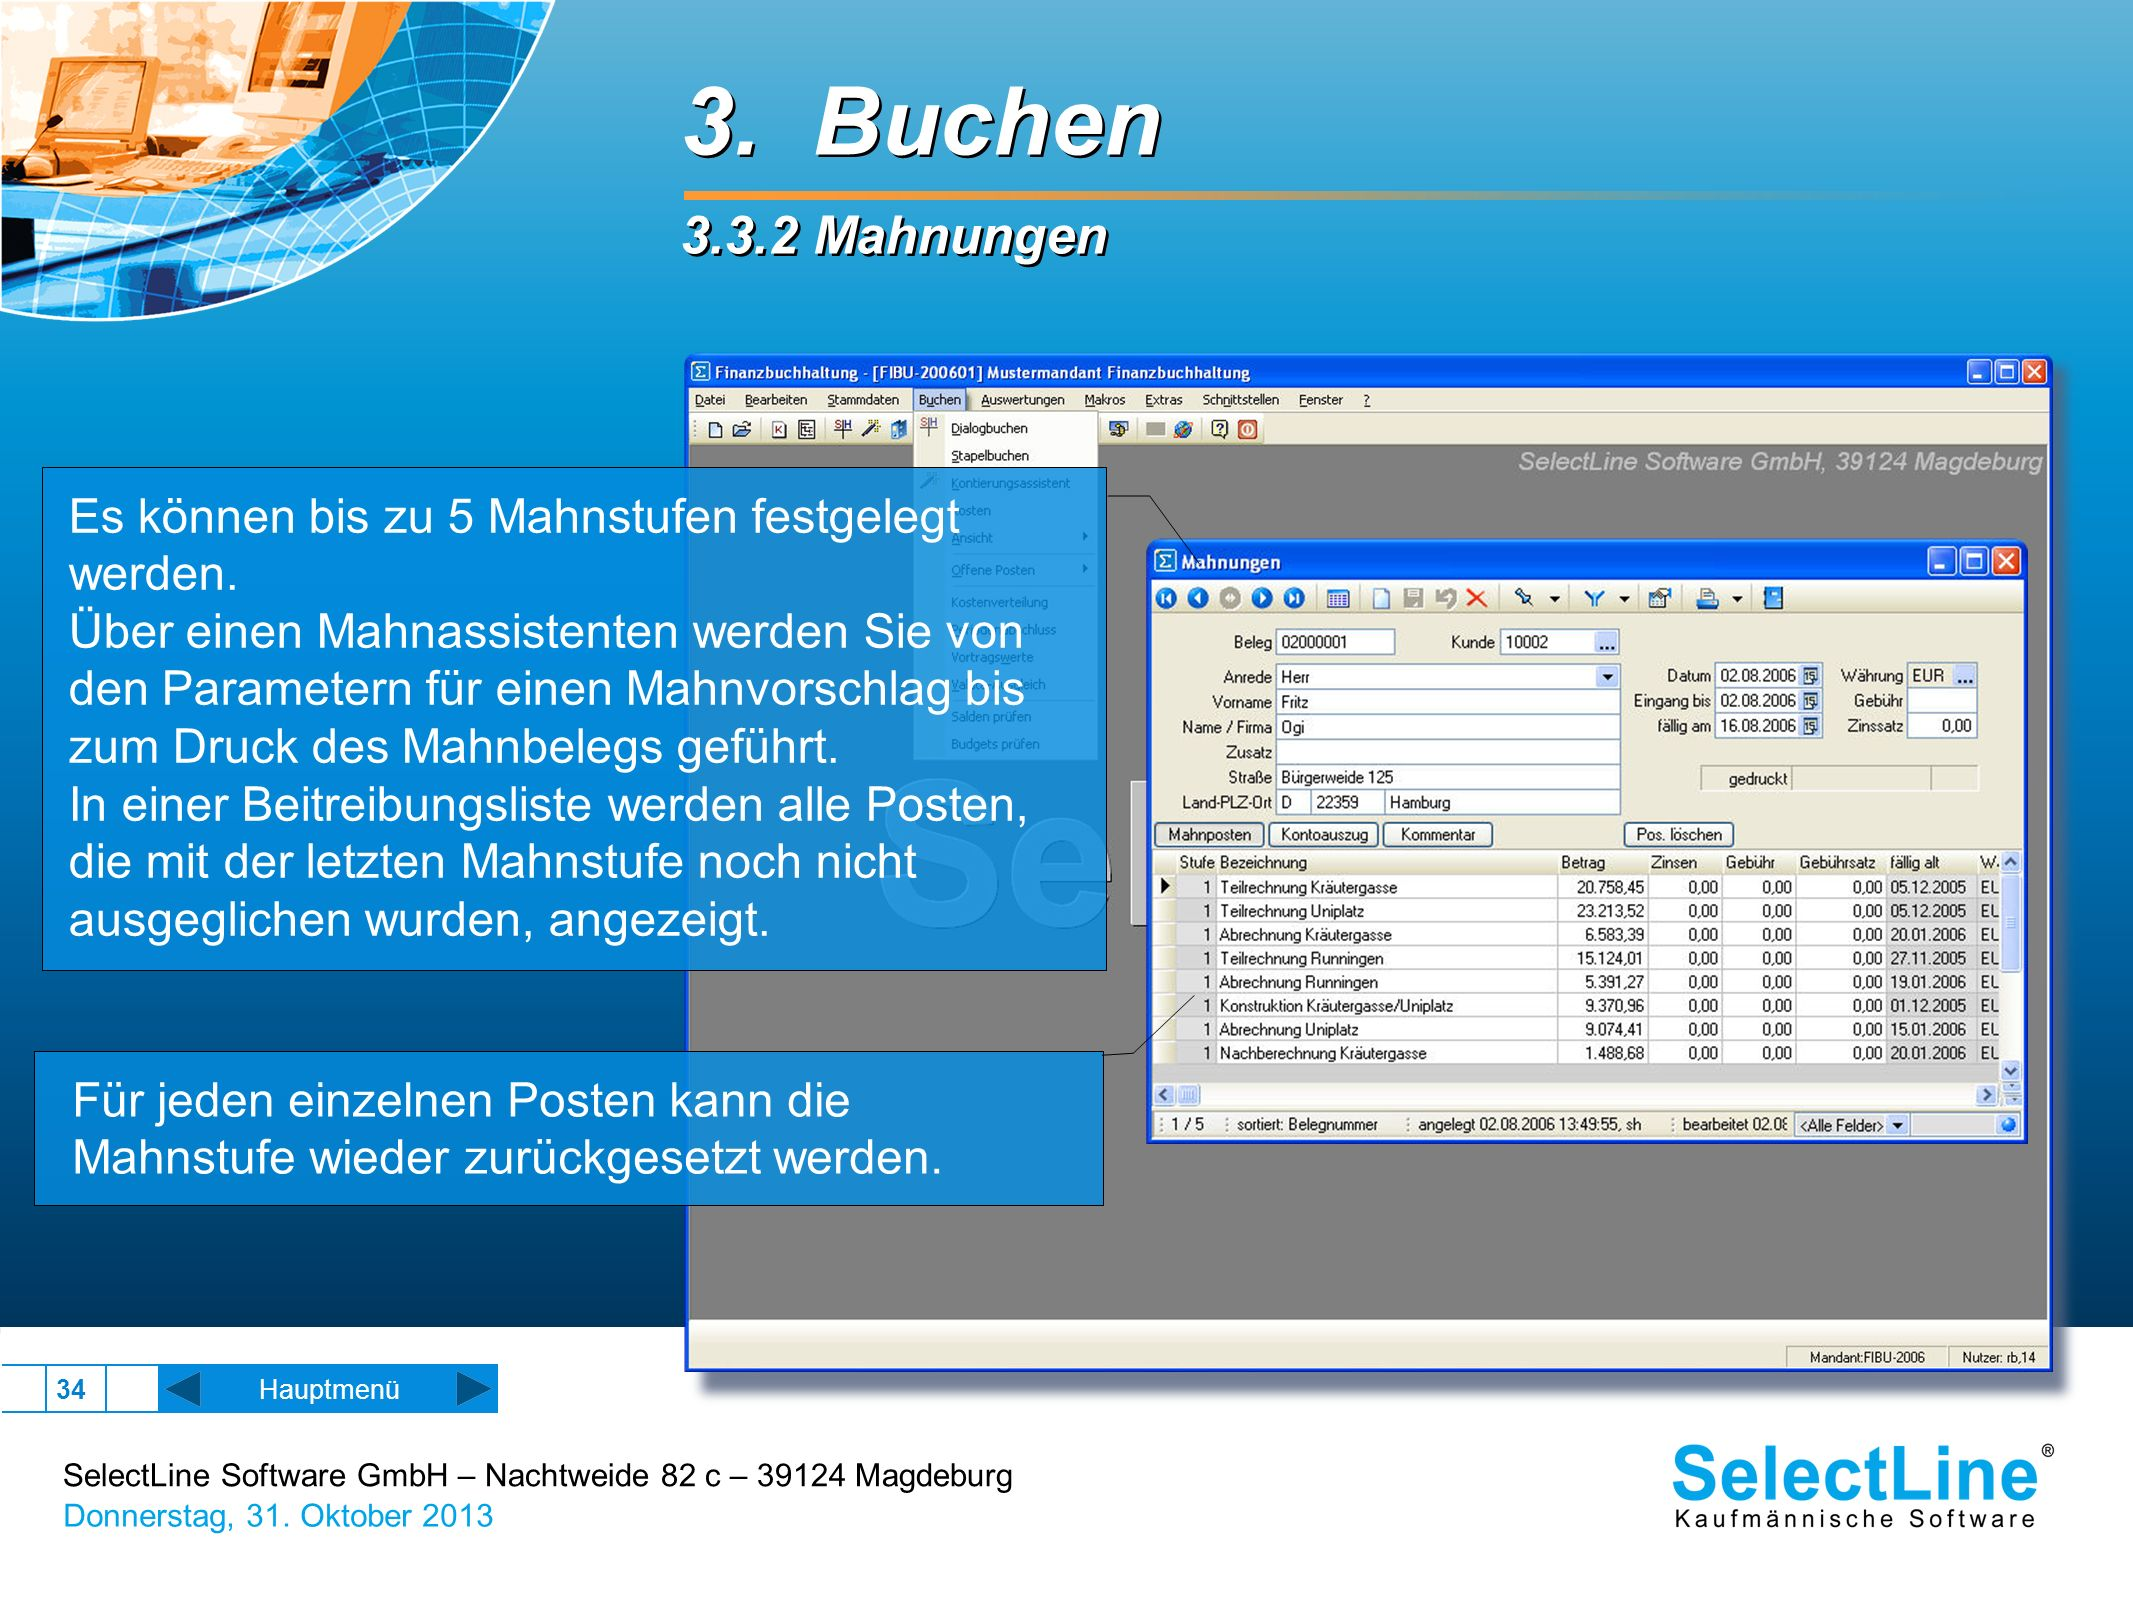 SelectLine Software GmbH – Nachtweide 82 c – 39124 Magdeburg Donnerstag, 31. Oktober 2013 34 Hauptmenü 3. Buchen 3.3.2 Mahnungen 3. Buchen 3.3.2 Mahnu